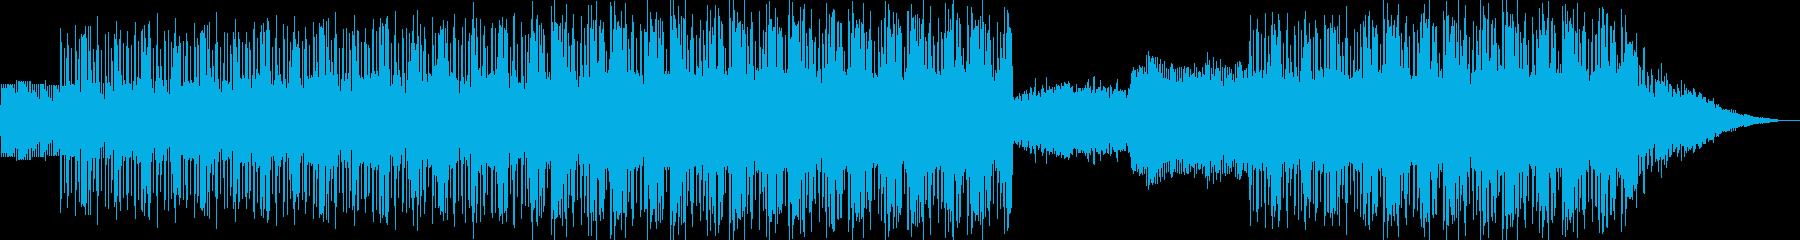 夜のドライブ向けシンセウェーブの再生済みの波形